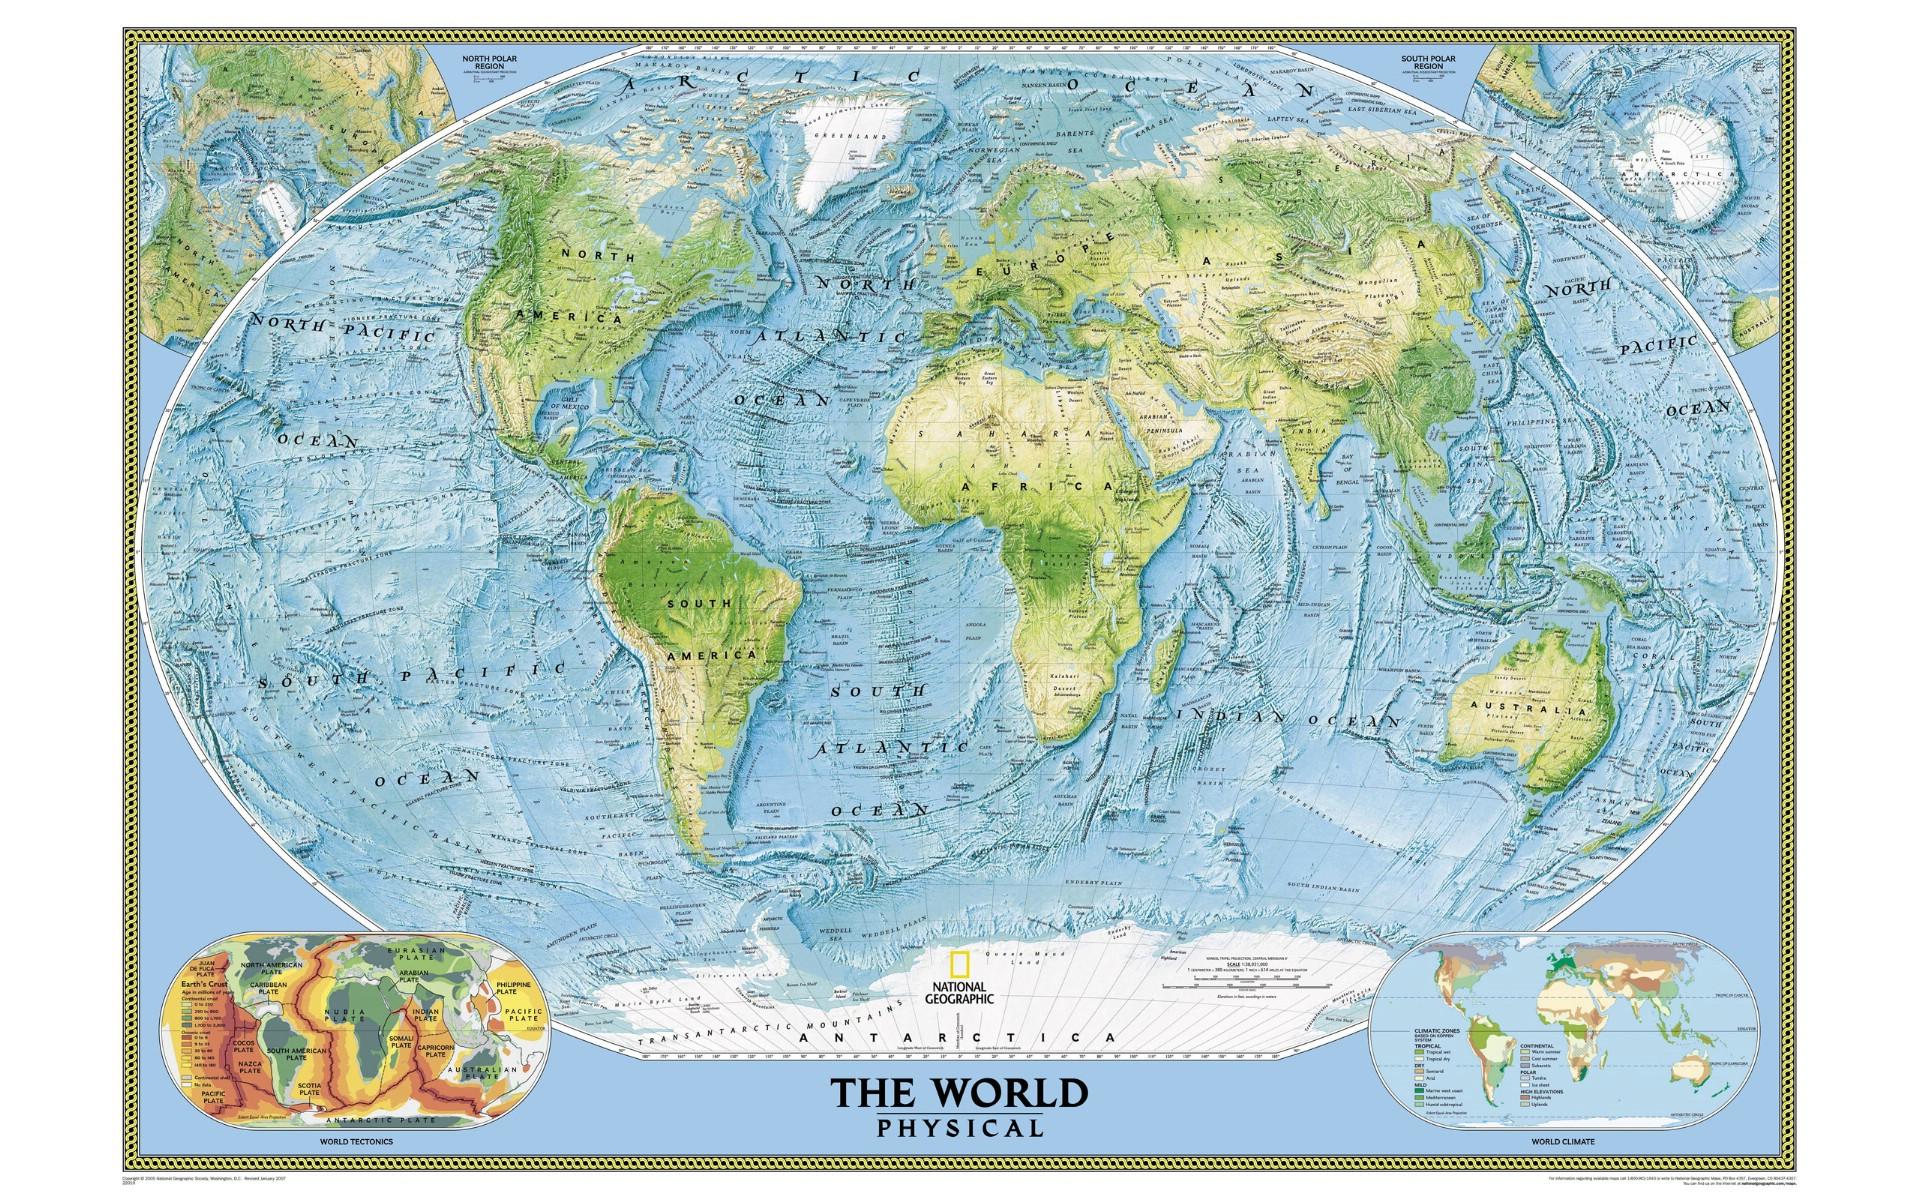 design 可爱手绘卡通矢量图2 动手网  手绘素描世界地图 - 动手网